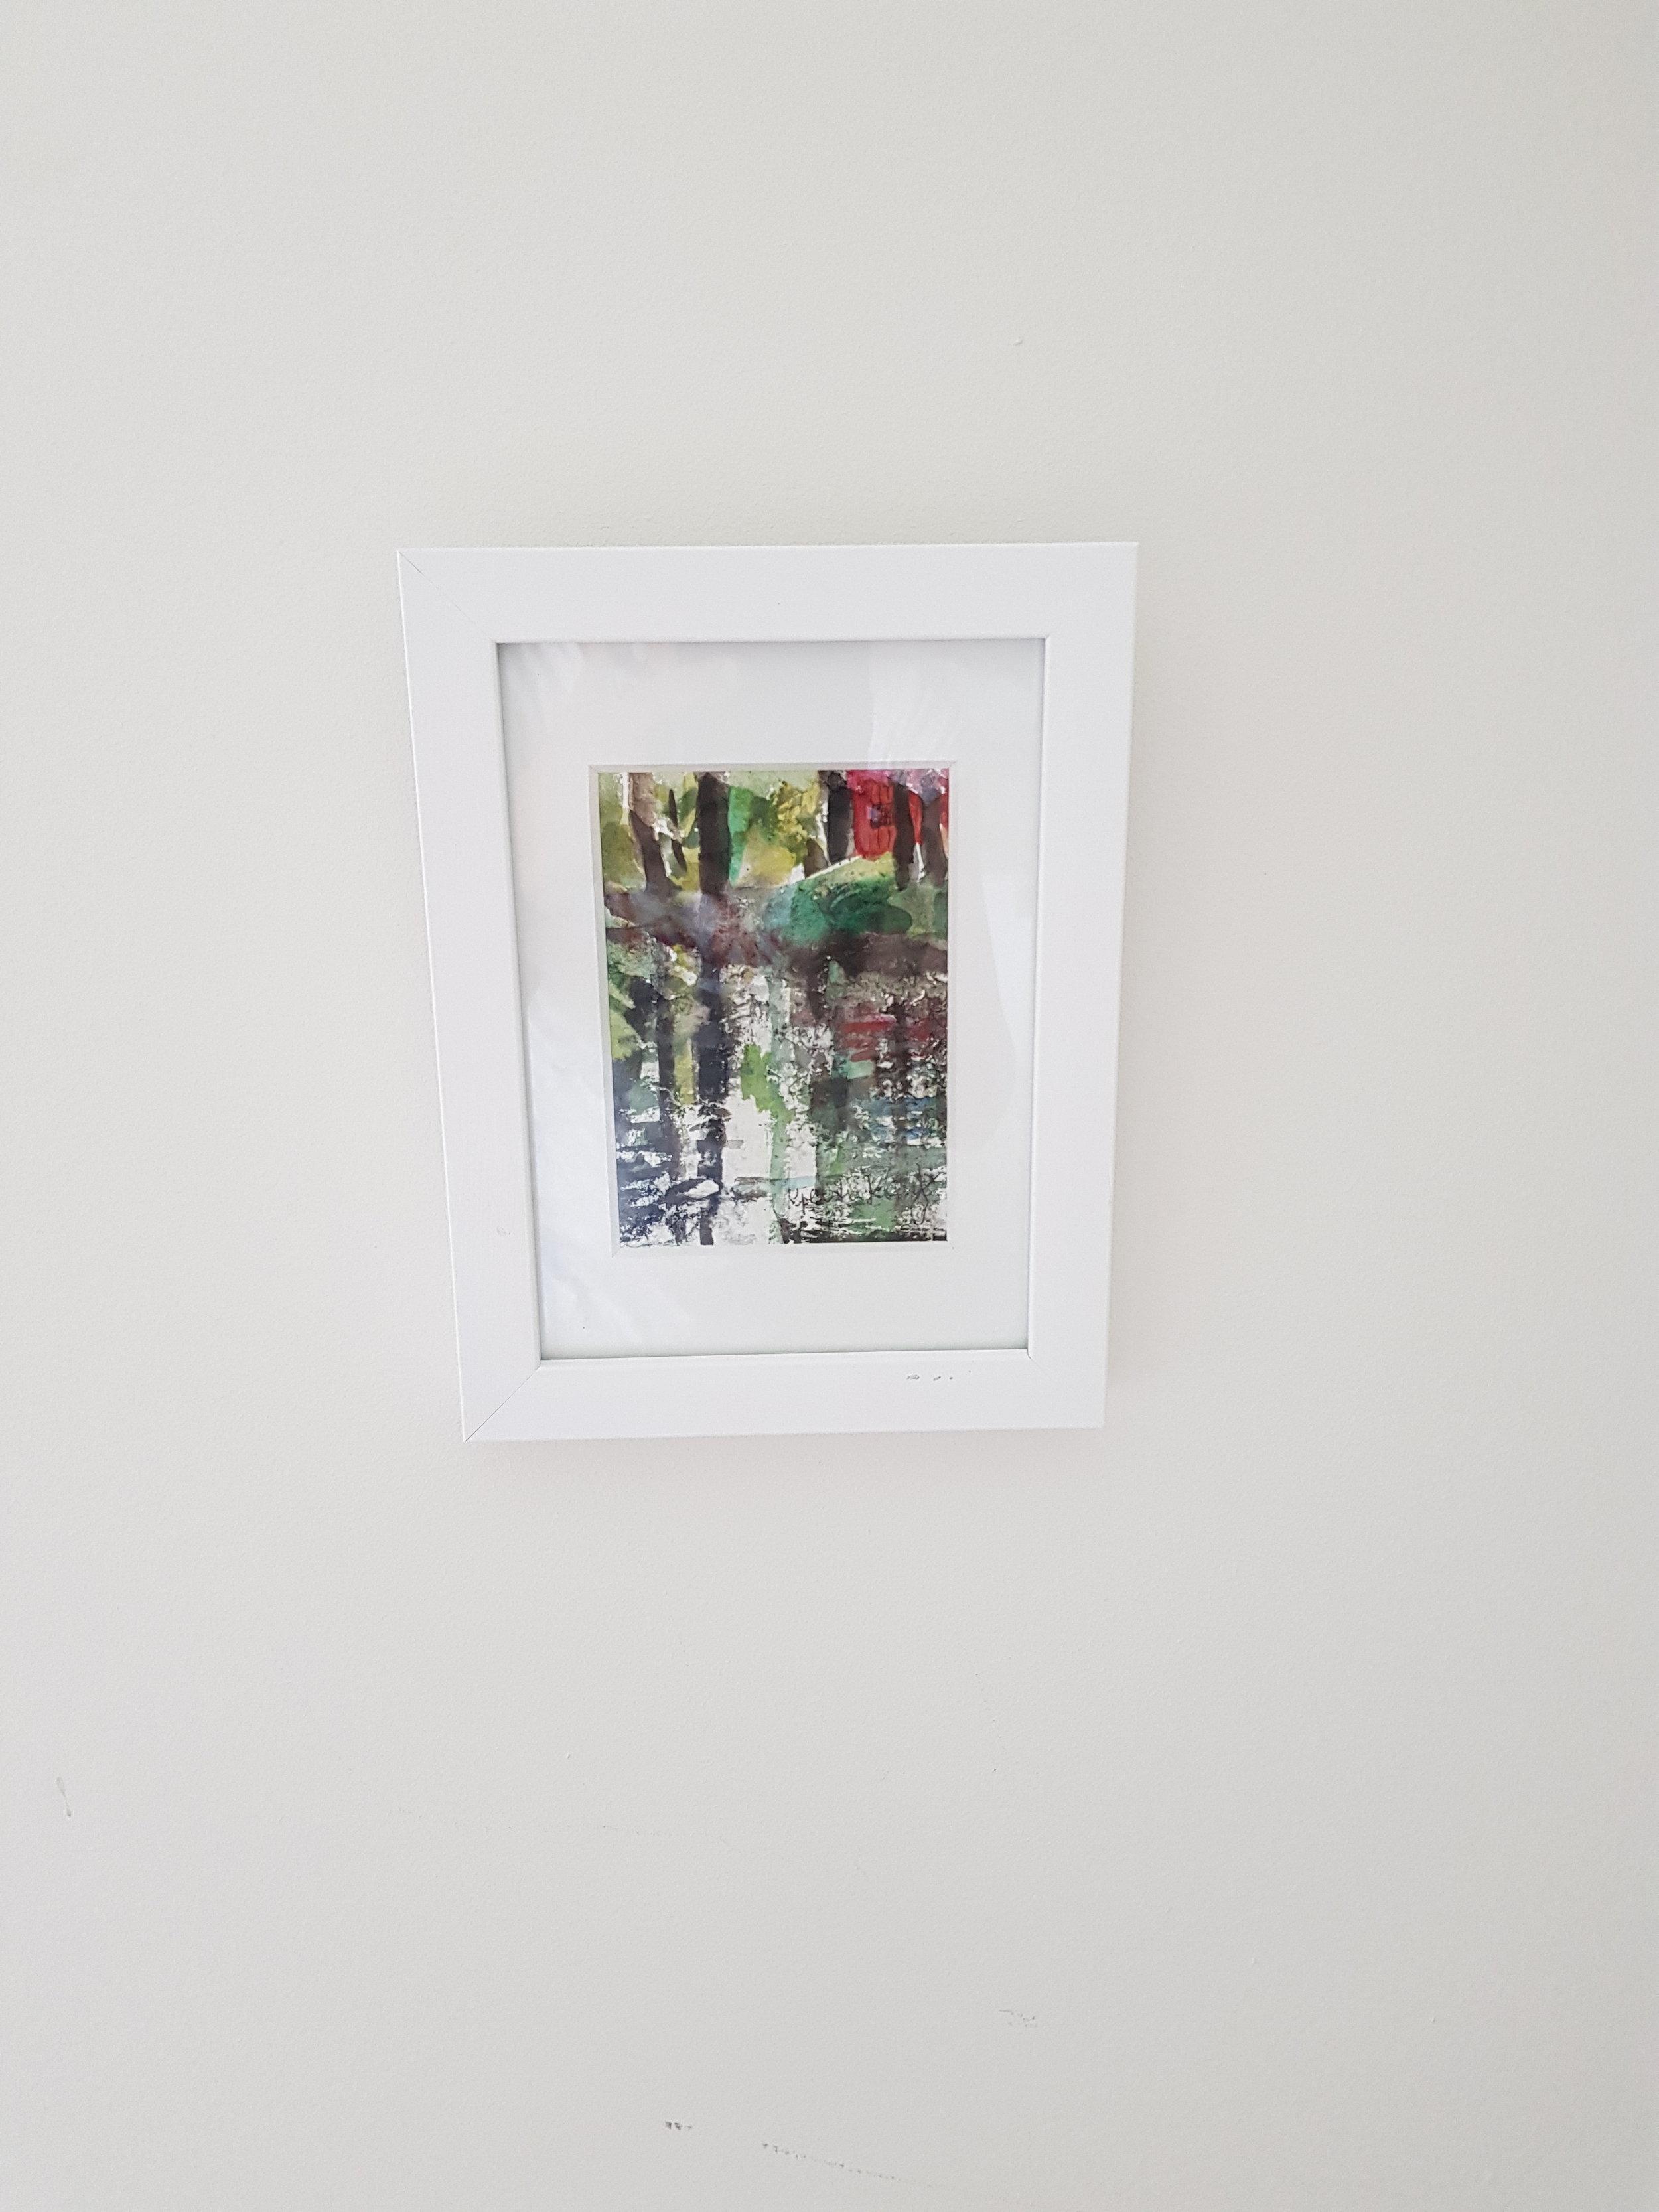 """Jag """"har blivit med tavla"""", hehe. Min konstnärsvän Kjerstin Krantz, ställde ut i helgen och jag köpte en av hennes fina tavlor. Så nöjd!"""